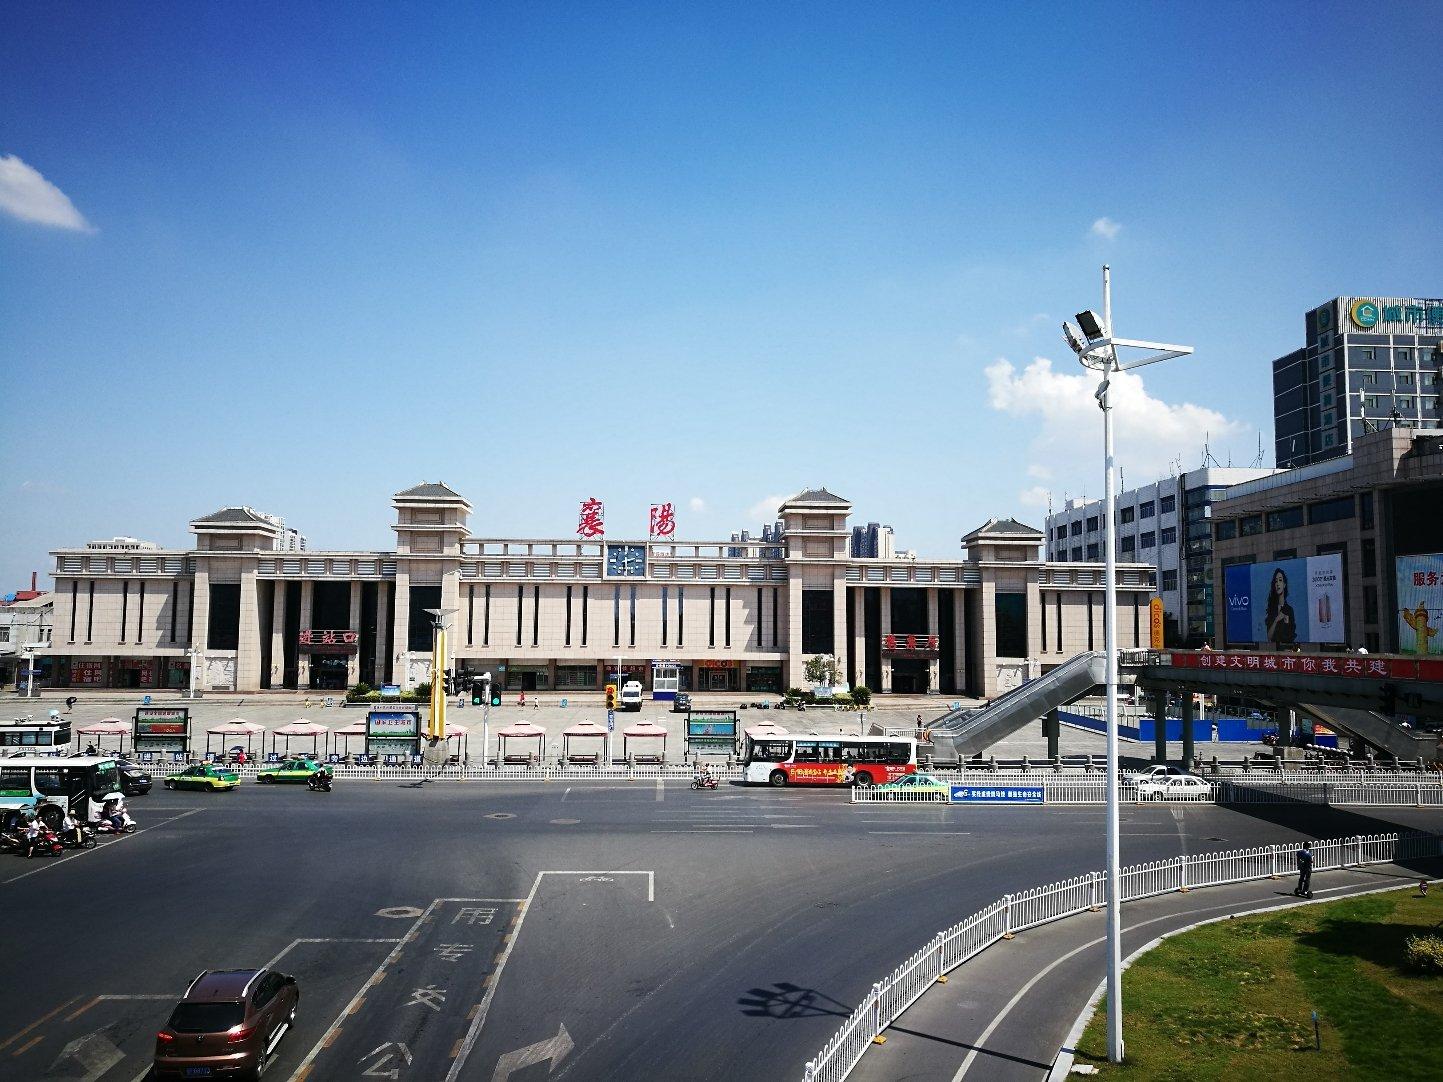 原创湖北可填补二线空白的城市,宜昌、荆州落选,而是这华夏第一城池